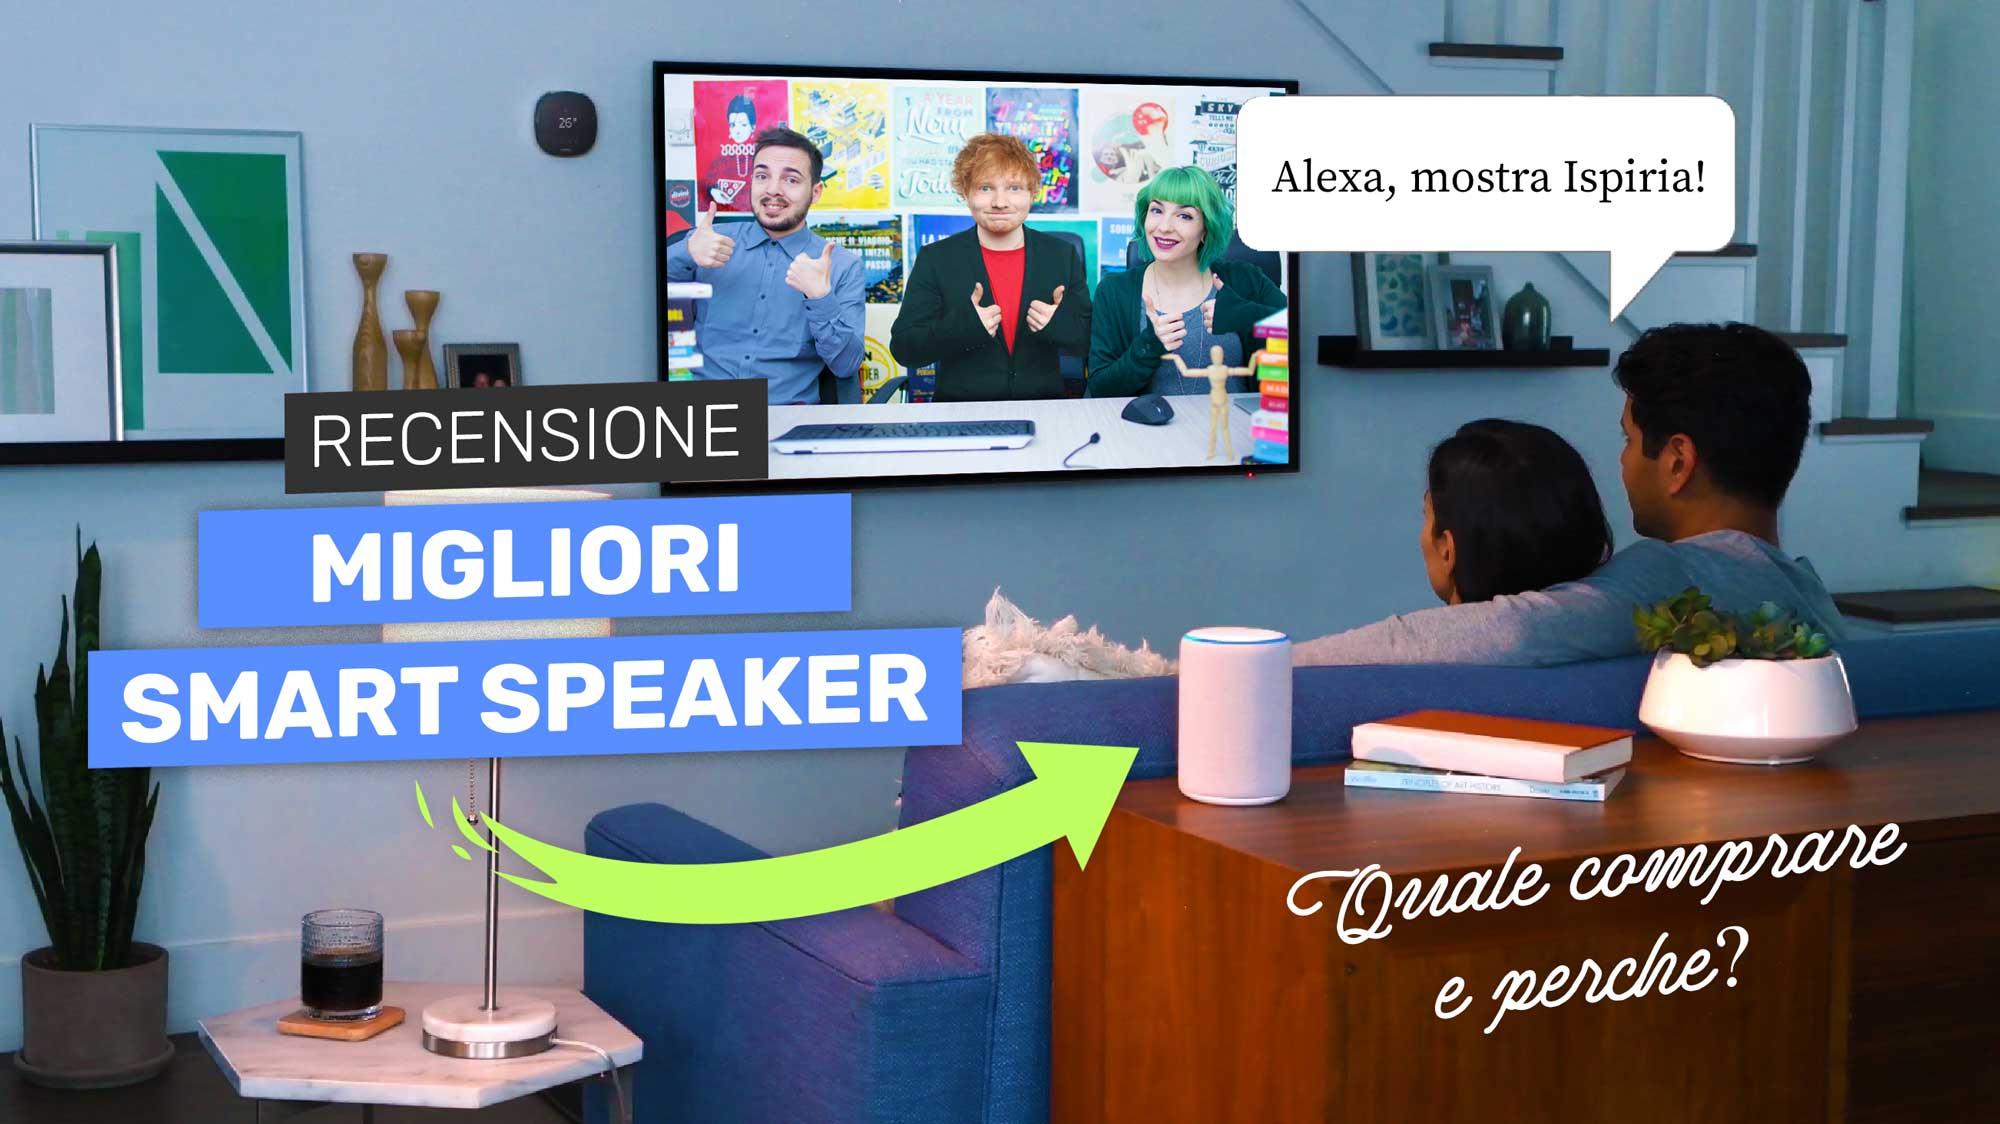 Migliori Smart Speaker 2018, Quale Comprare? Recensione Assistente Vocale Da Casa